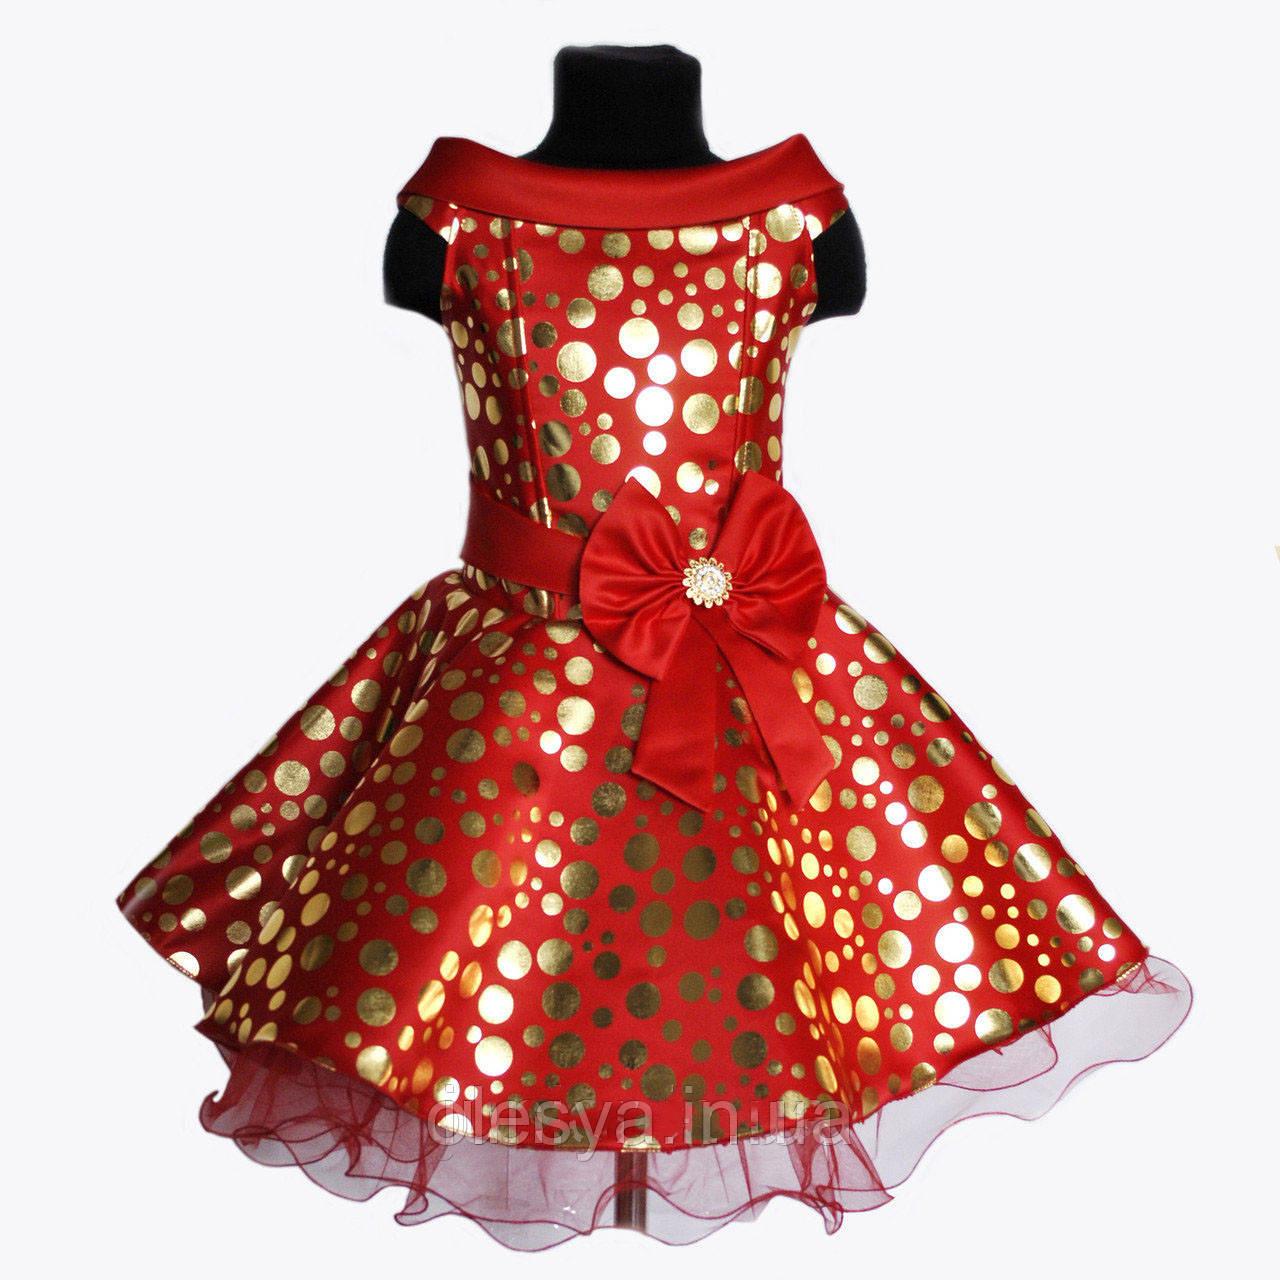 bb19b04d619 Детское нарядное красное платье в ретро стиле Стиляги Размеры 116- 146